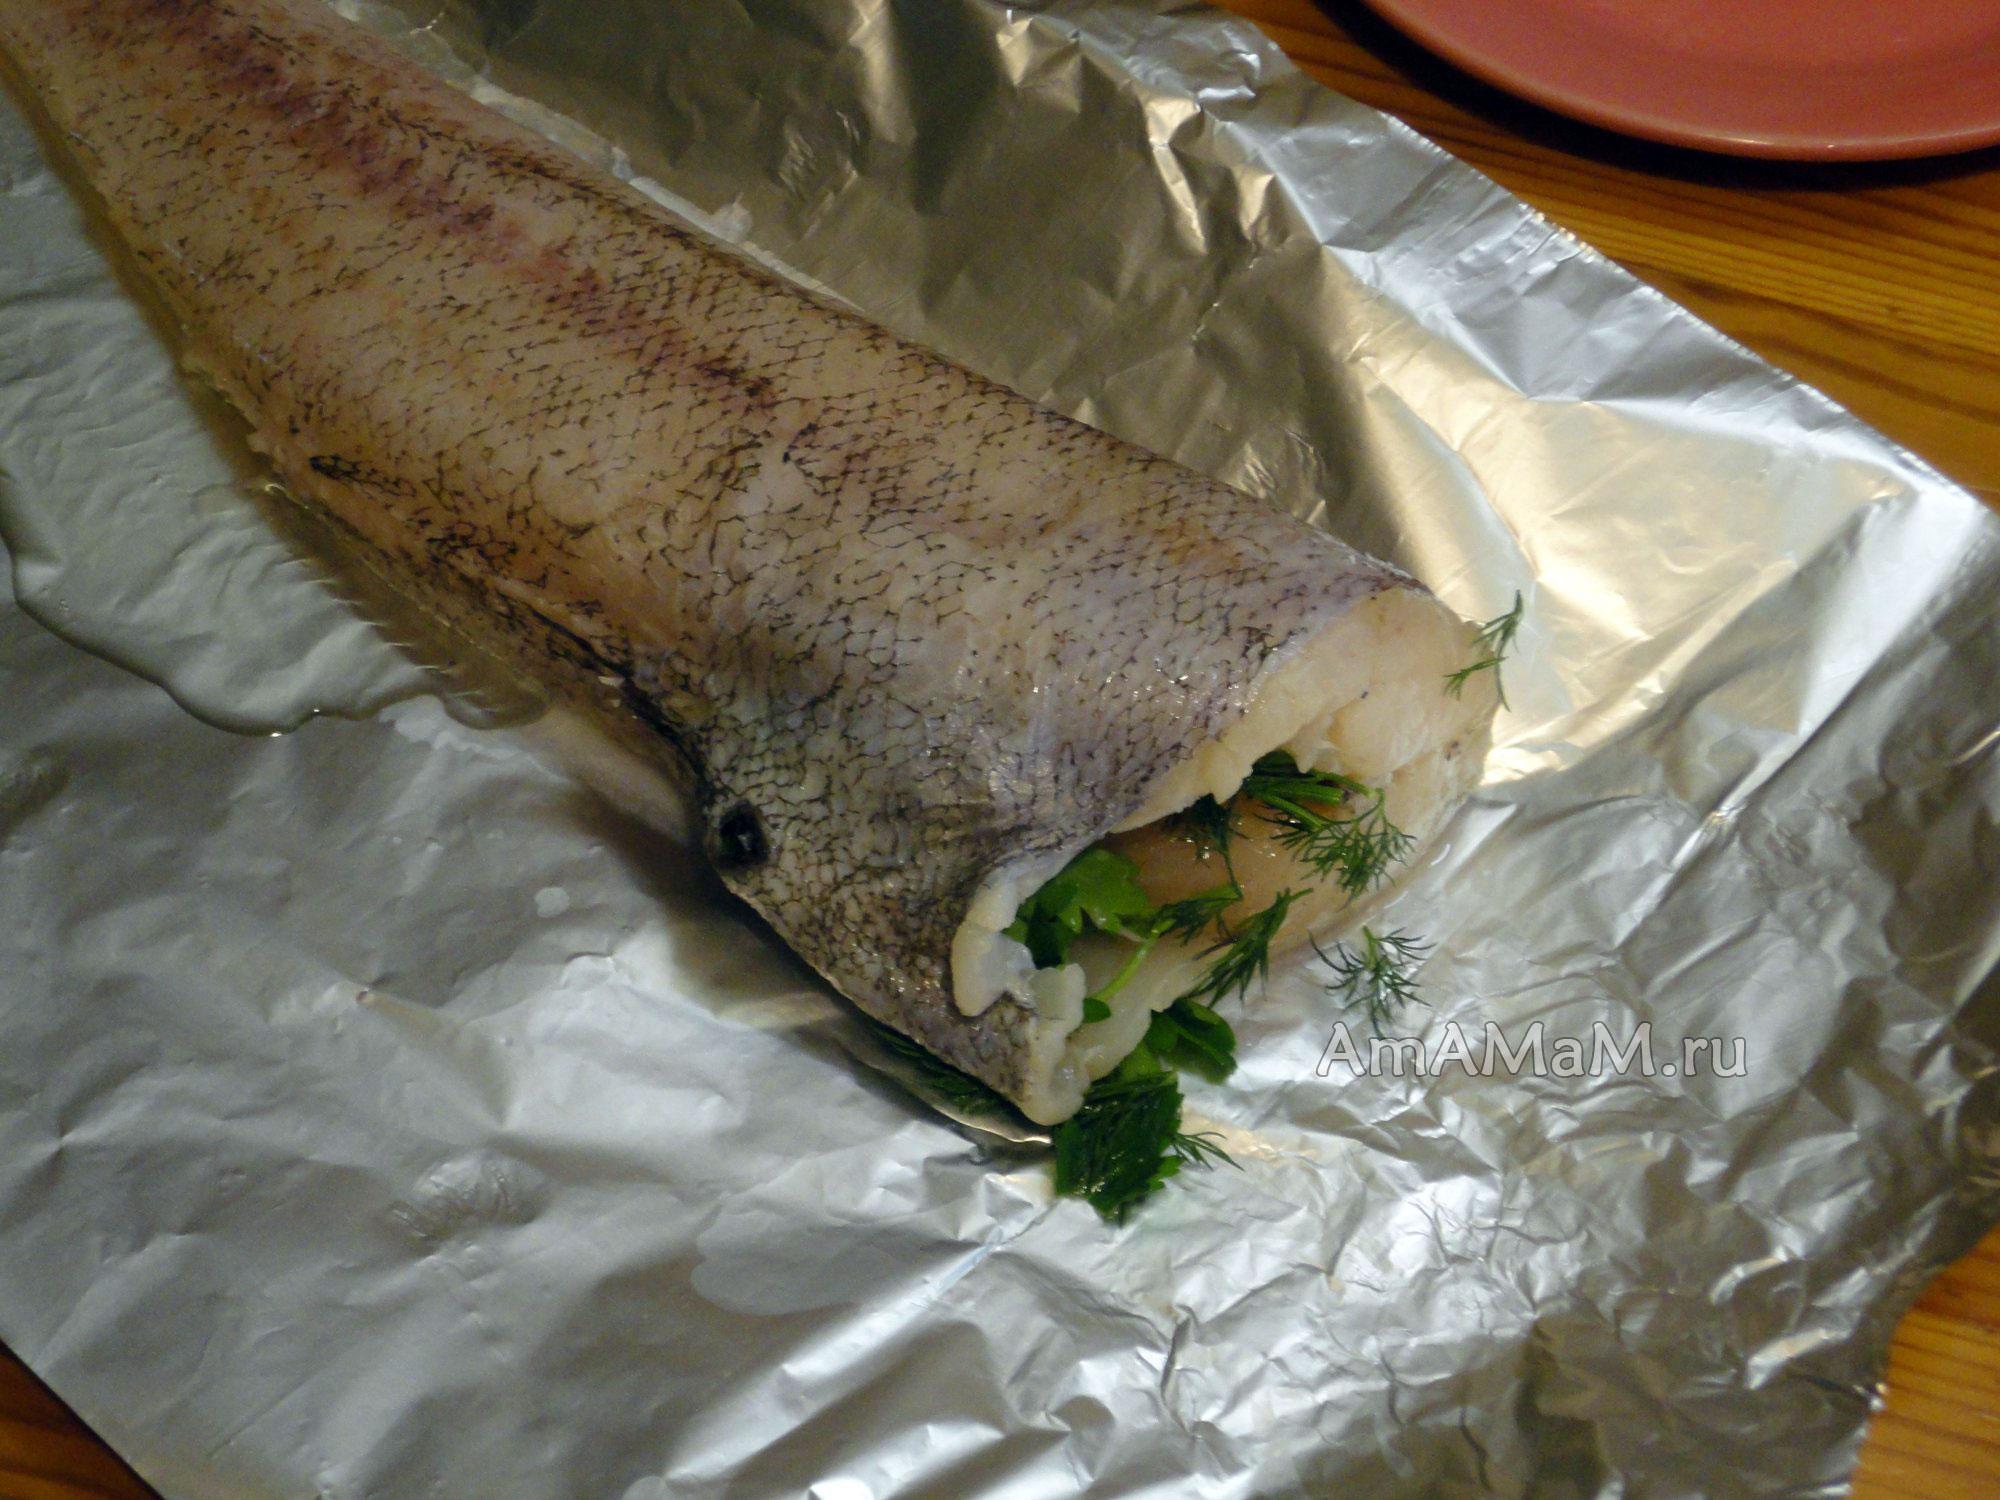 макрурус рыба рецепты в духовке с фото